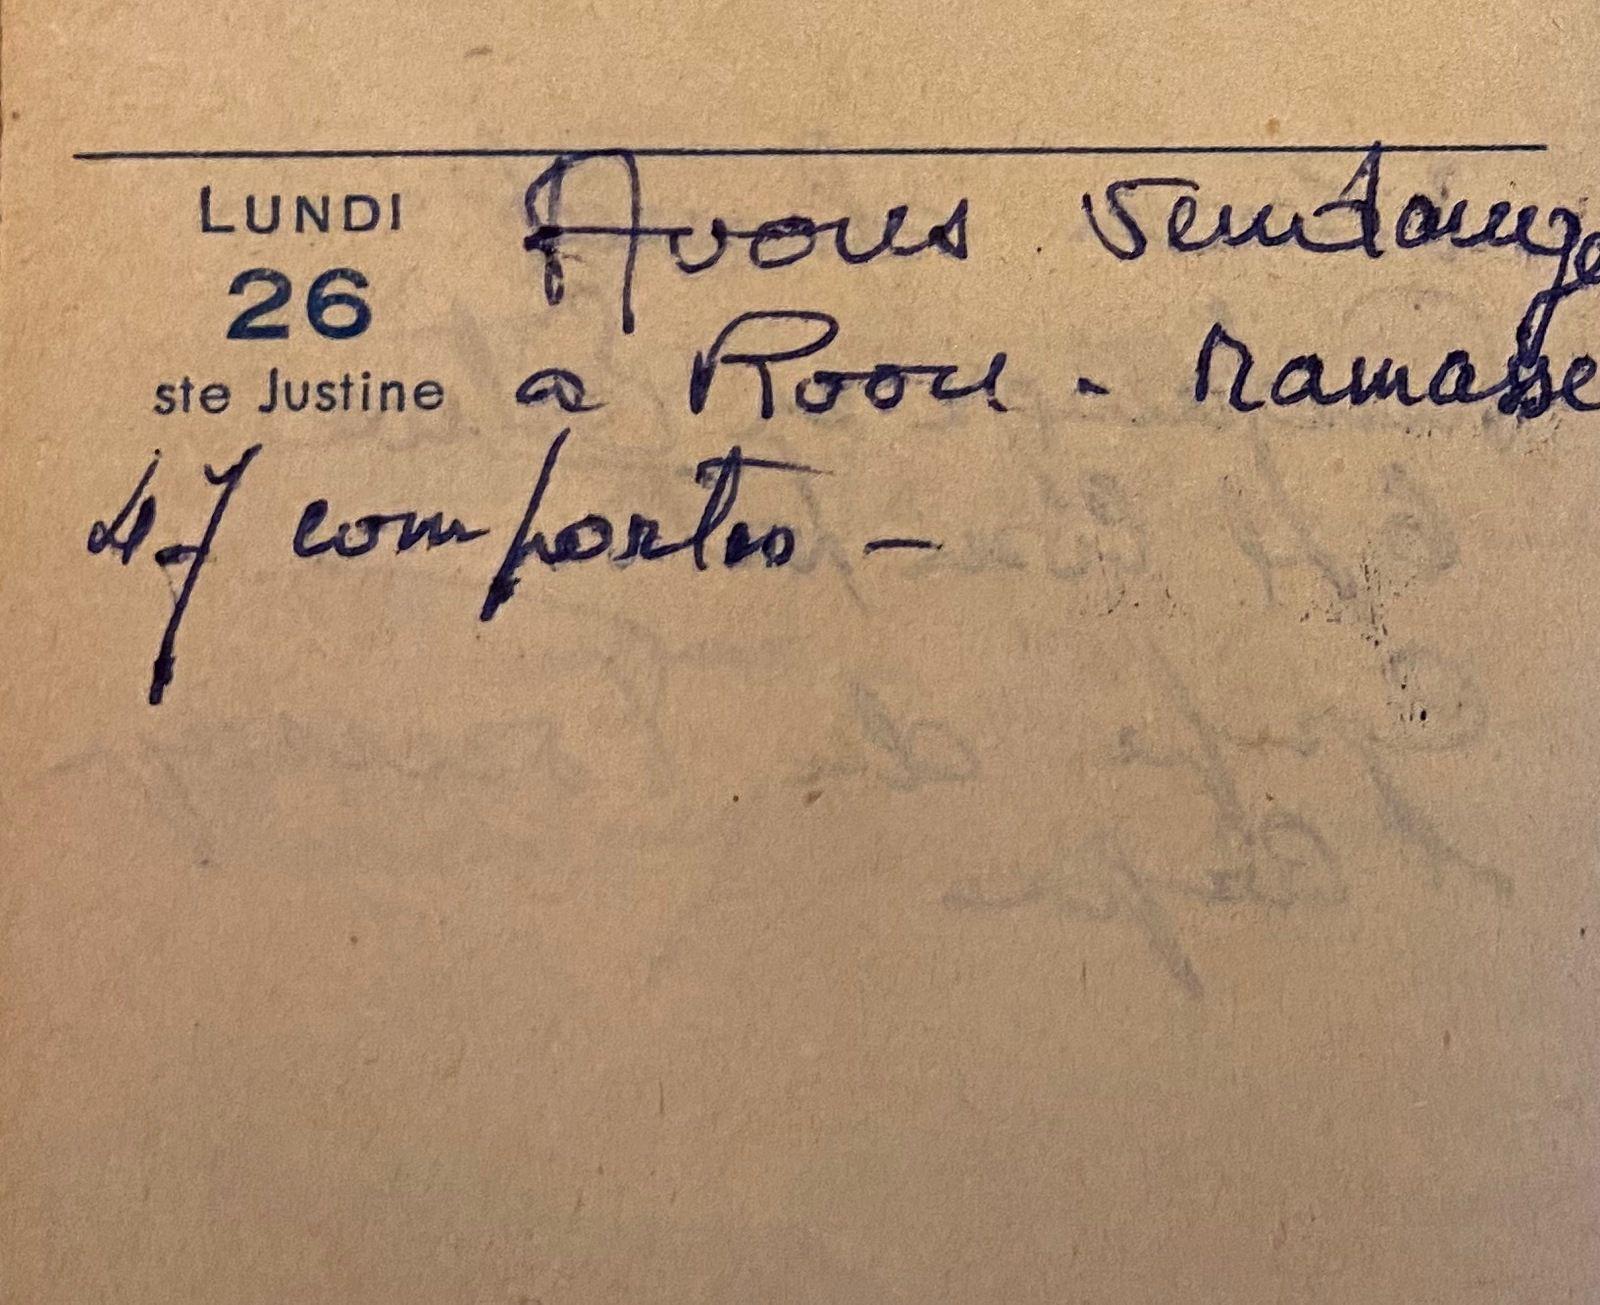 Lundi 26 septembre 1960 - vendanges dans la belle-famille